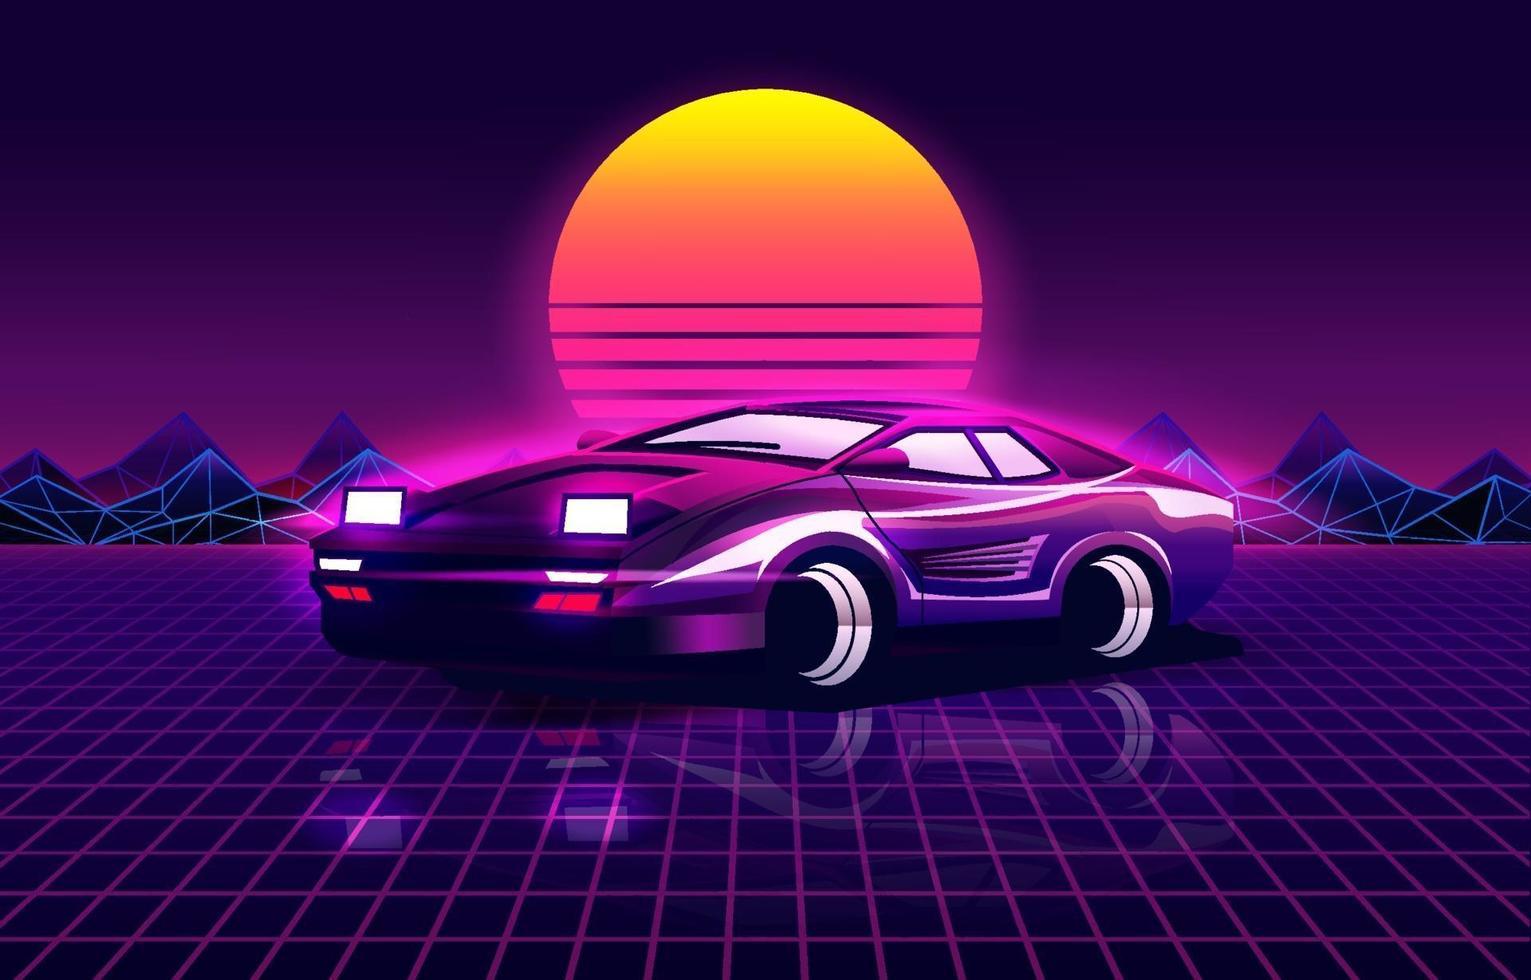 Fondo retro futurista con coche deportivo estilo años 80. vector